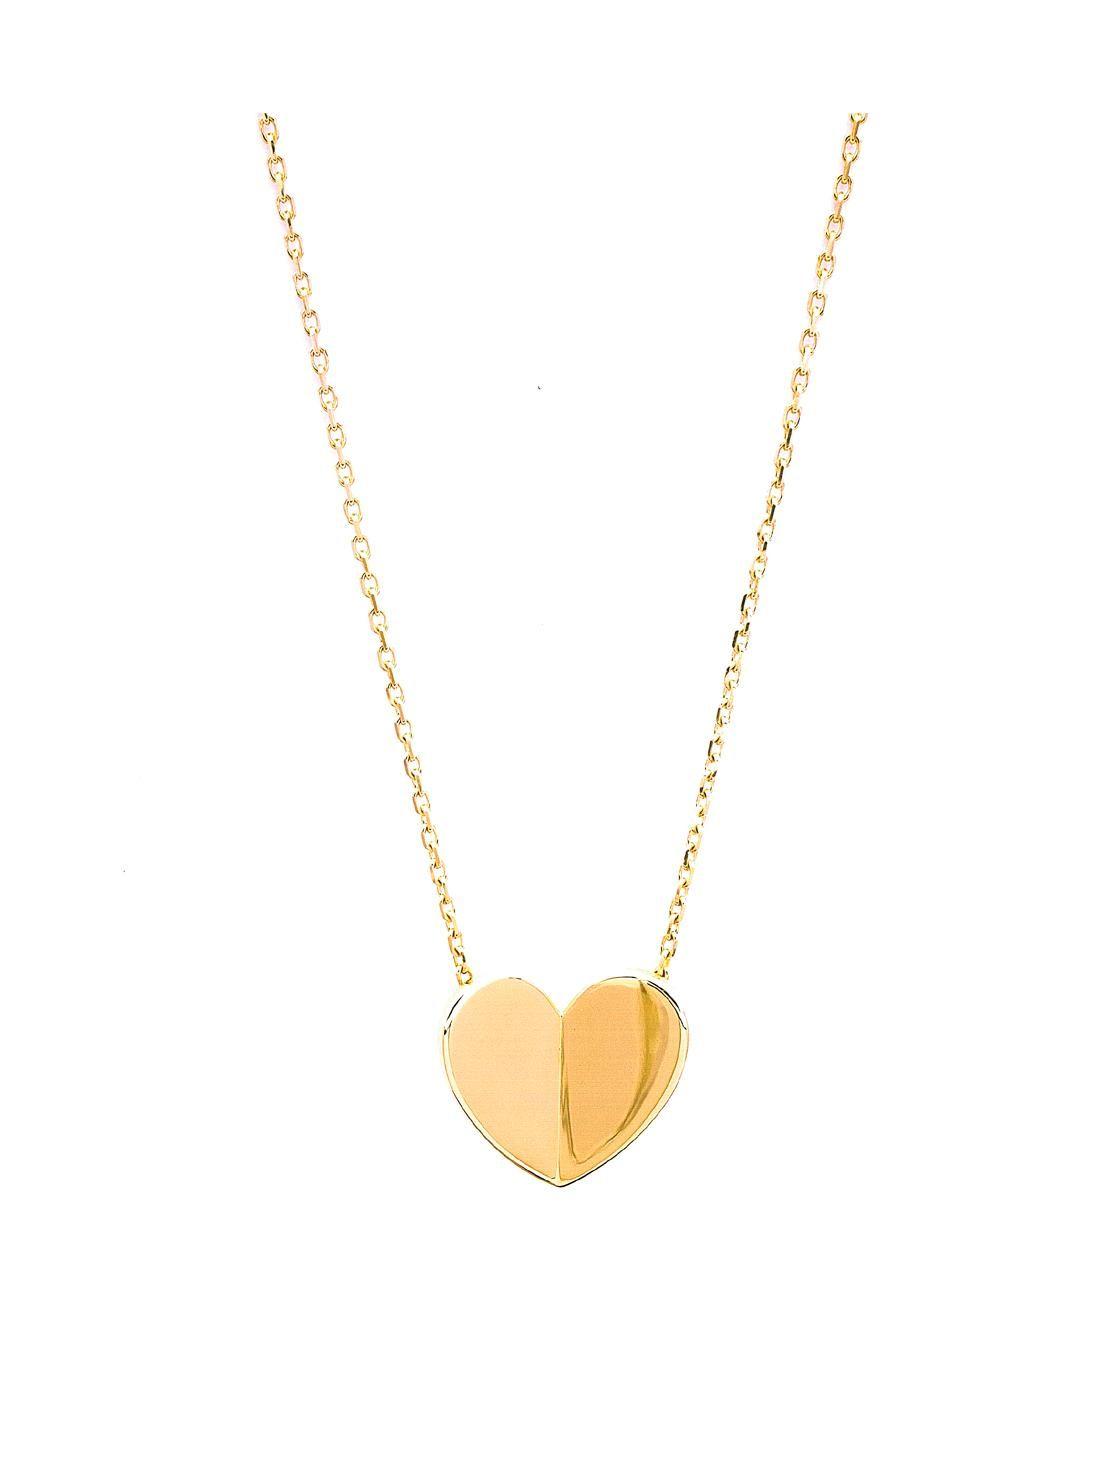 Van cleef arpels 18k frivole heart pendant necklace at london van cleef arpels 18k frivole heart pendant necklace at london jewelers aloadofball Image collections